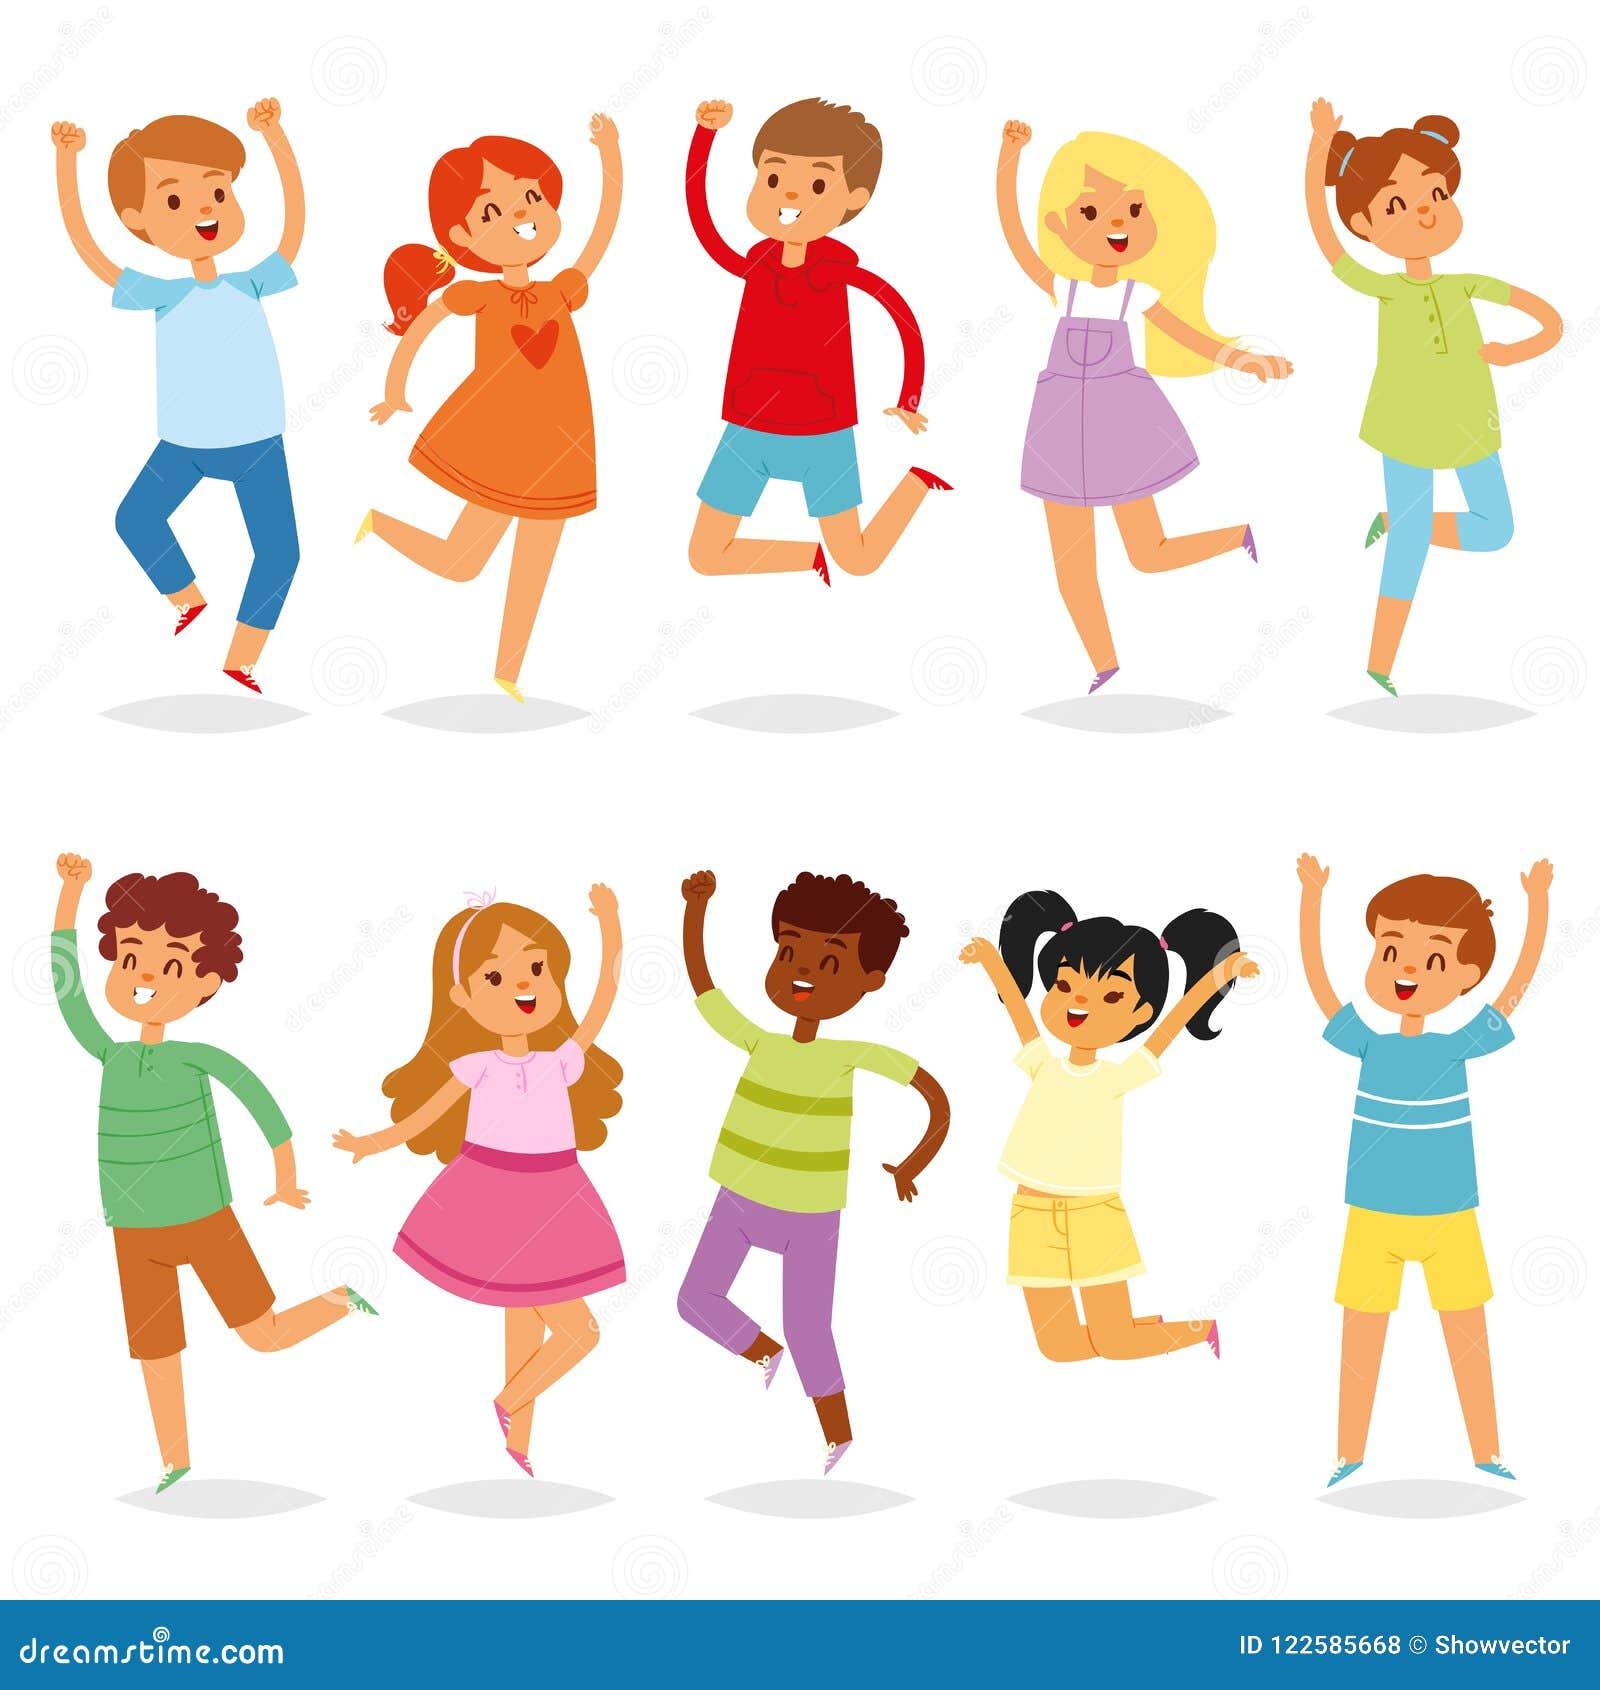 Springender Kindervektoryong-Kindercharakter in der Sprungstätigkeit im Kindheitsillustrationssatz spielerischen Kindern und Lach